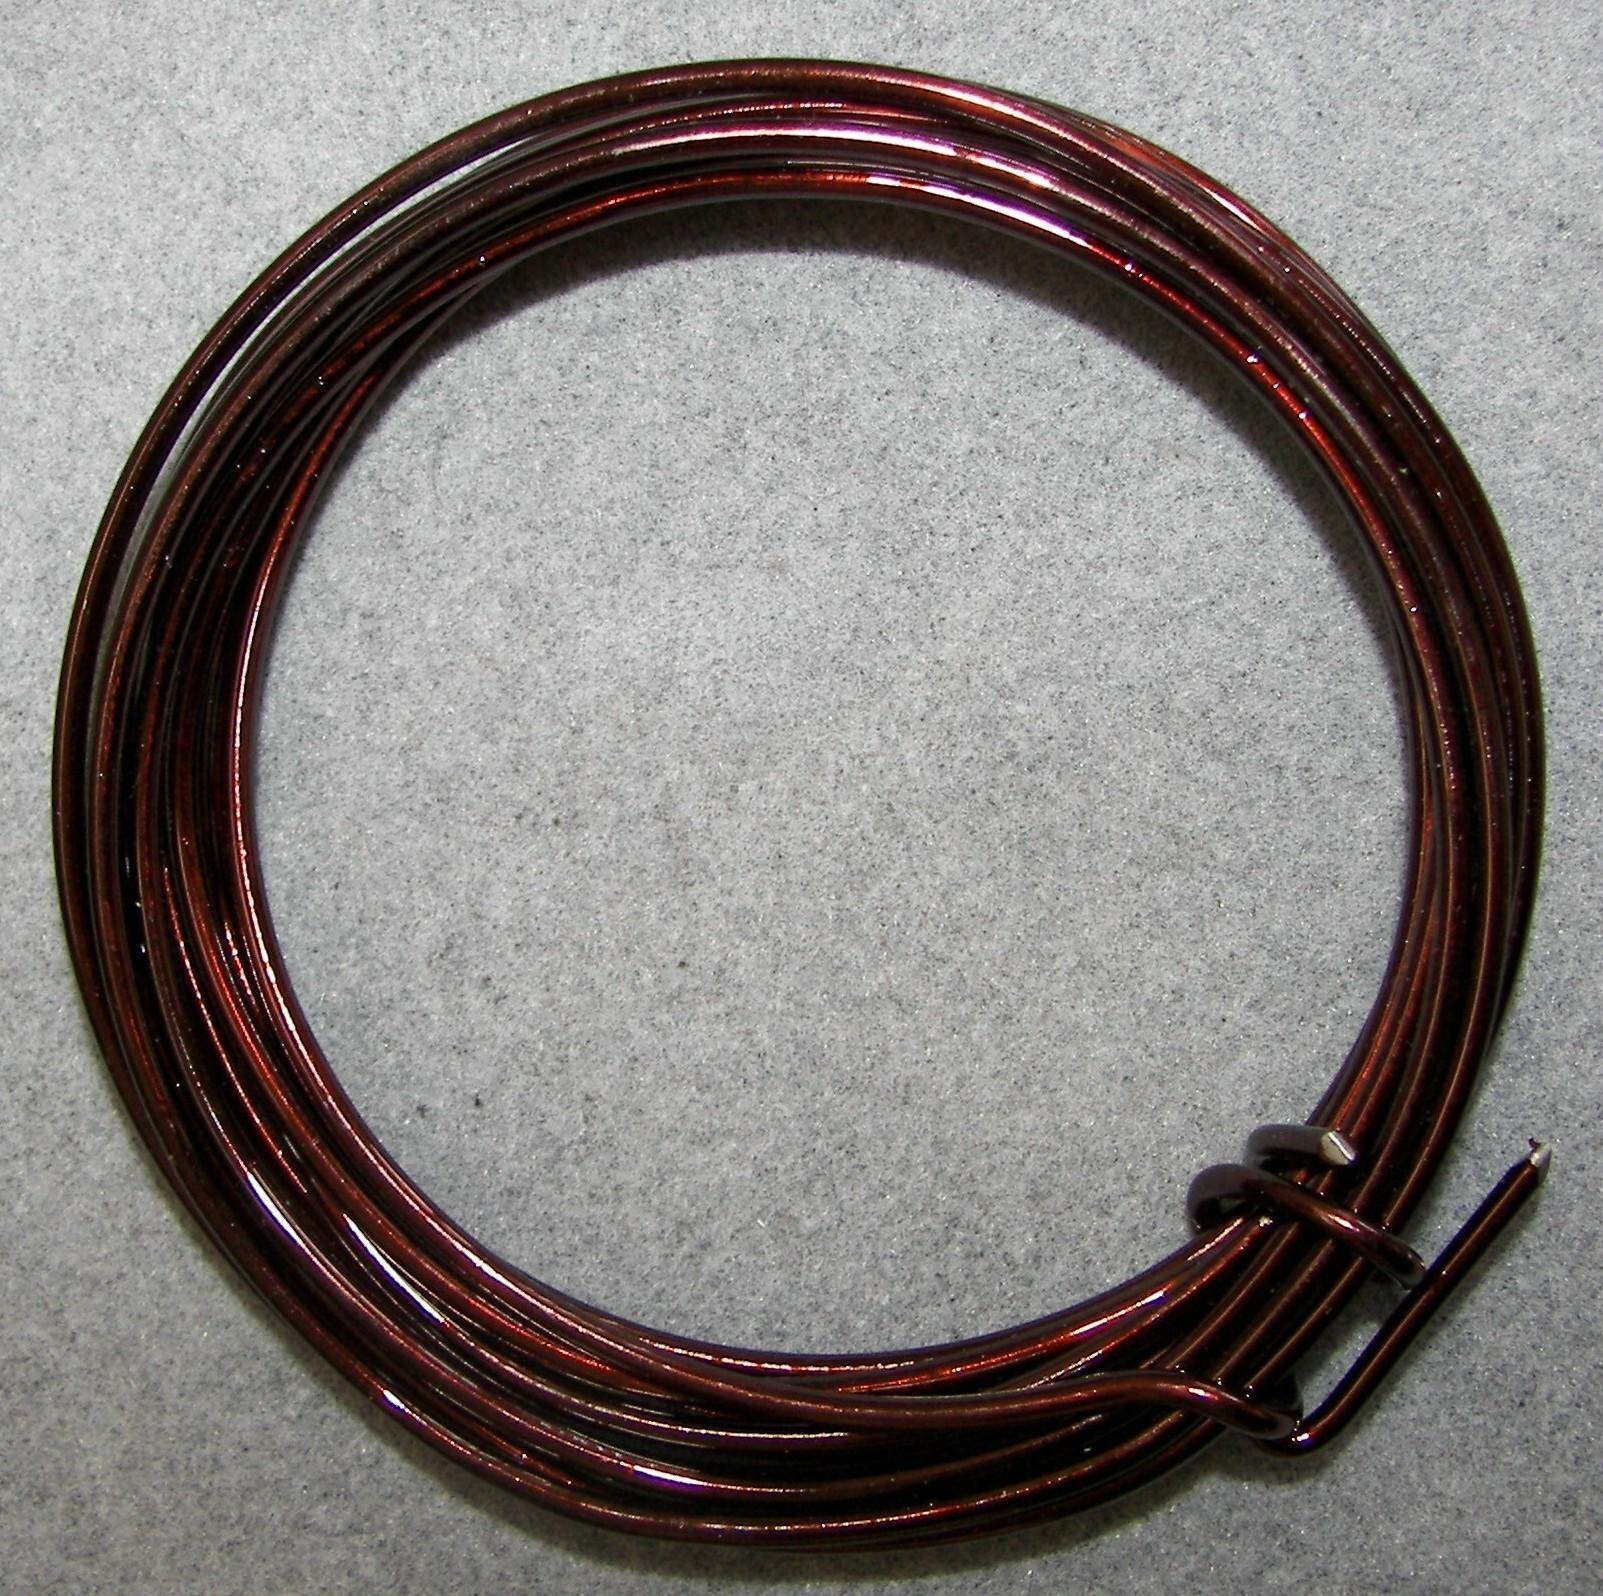 12 Gauge Aluminum Wire - WIRE Center •